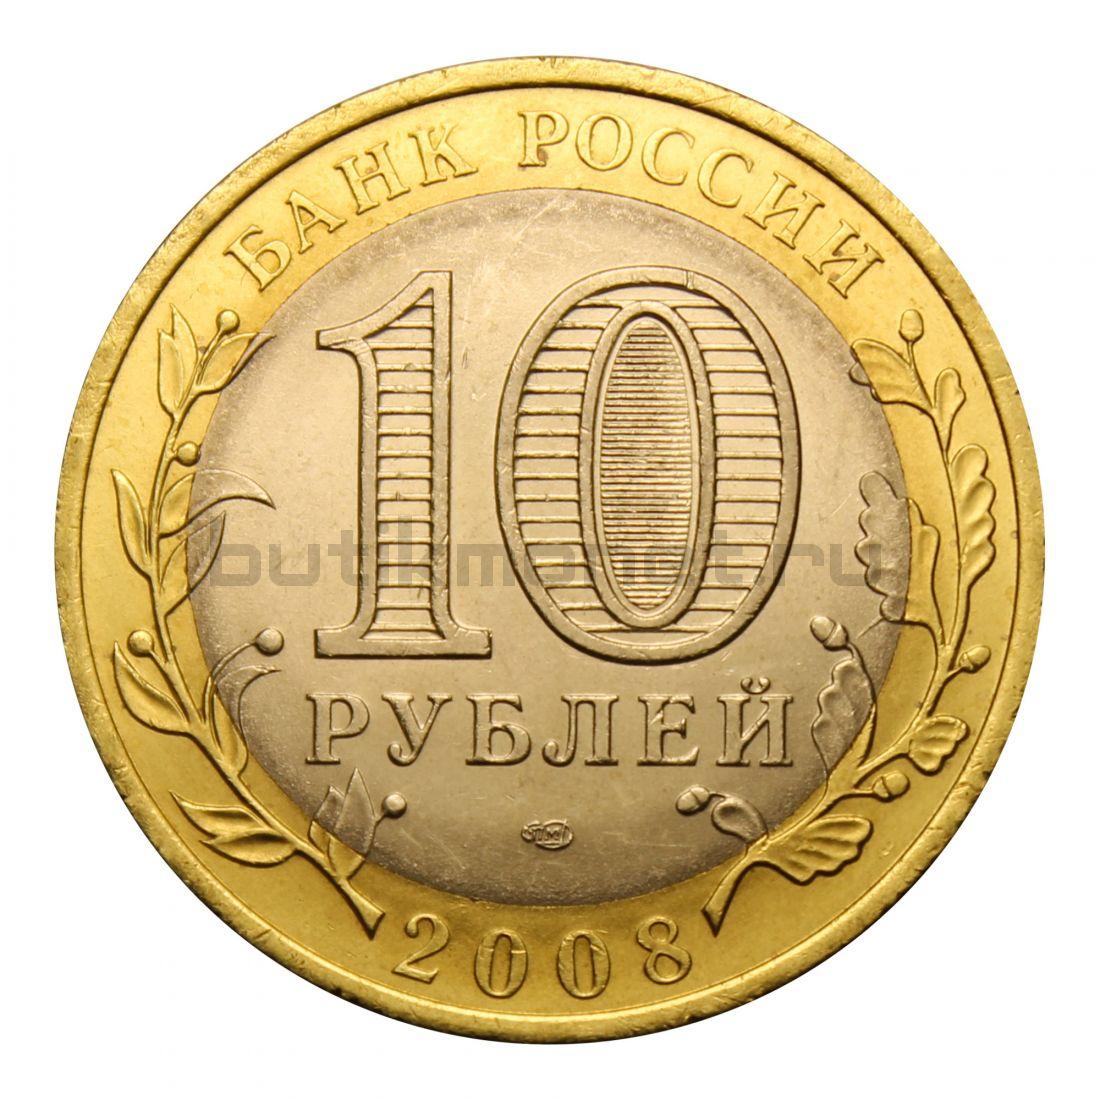 10 рублей 2008 СПМД Владимир (Древние города России)